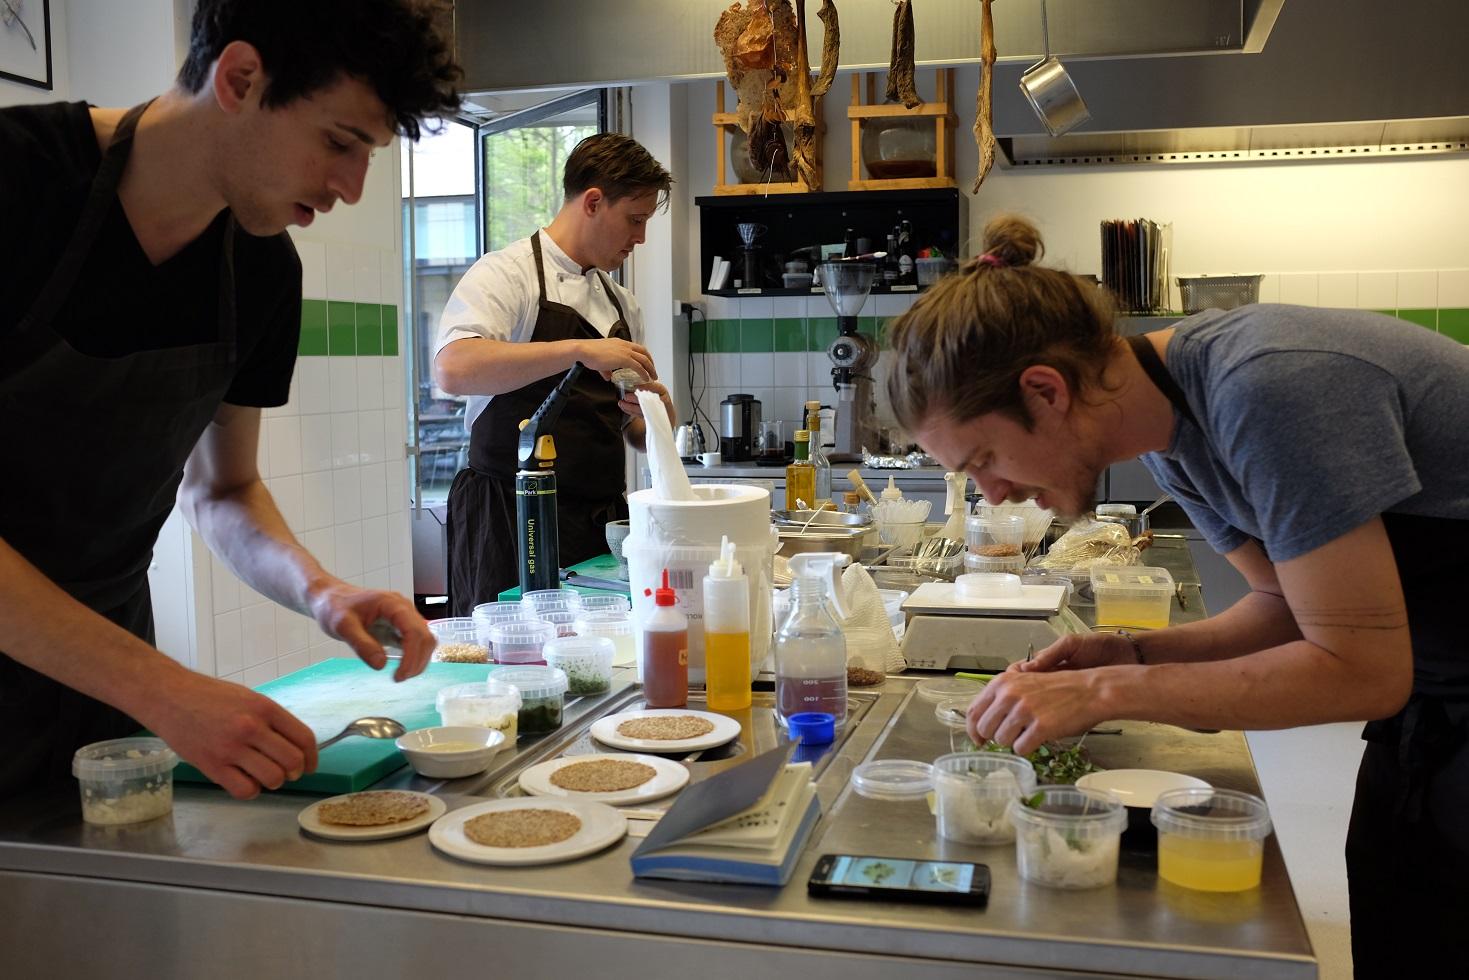 Lead Researcher Josh Evans, Chef Nurdin, Chef Josh Pollen